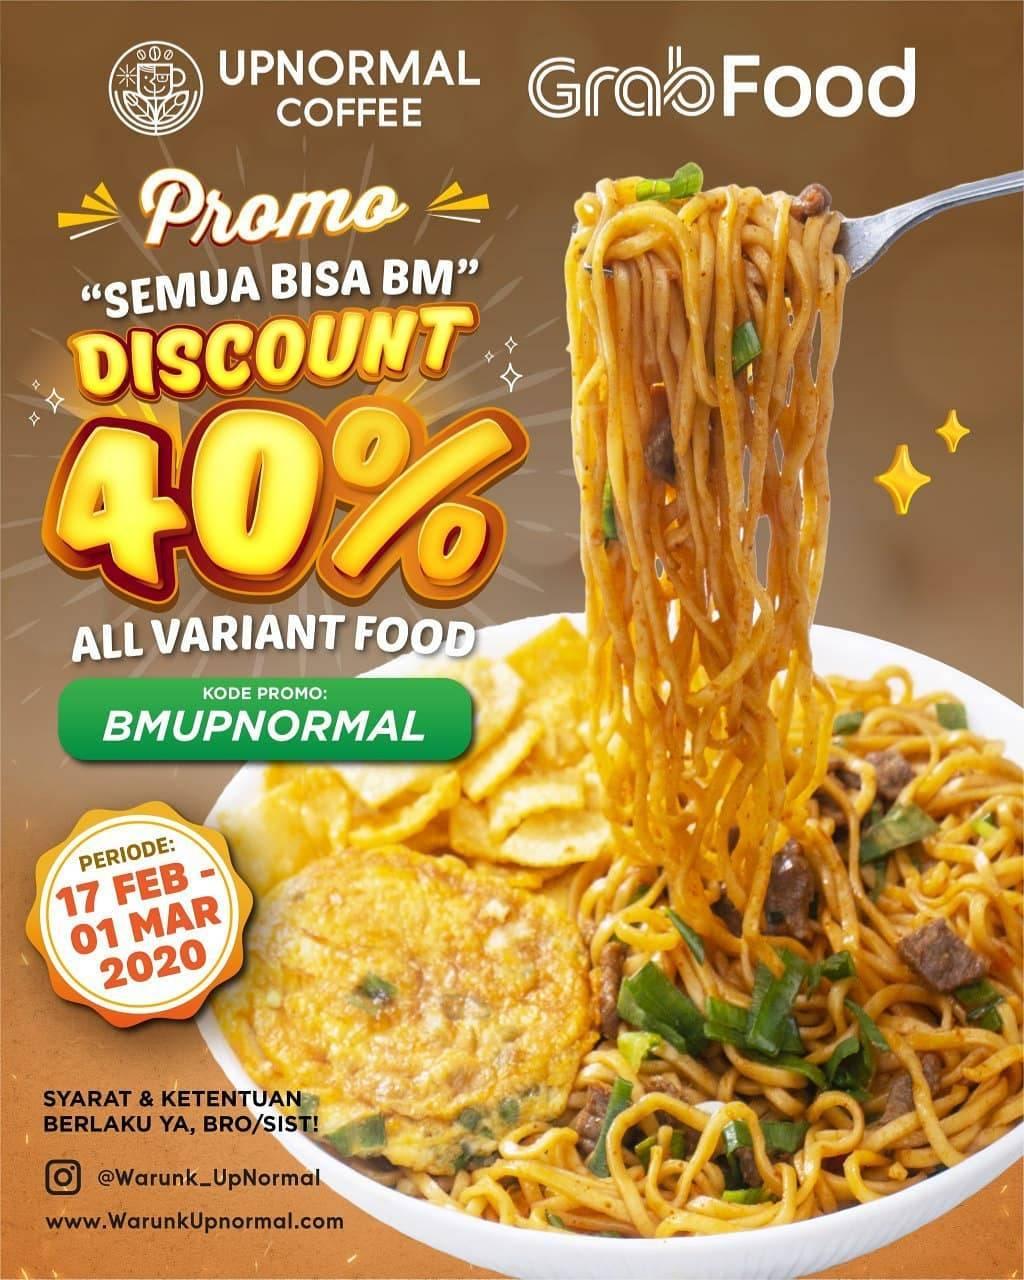 Warunk Upnormal Promo Diskon 40% Untuk Pembelian Melalui Grabfood